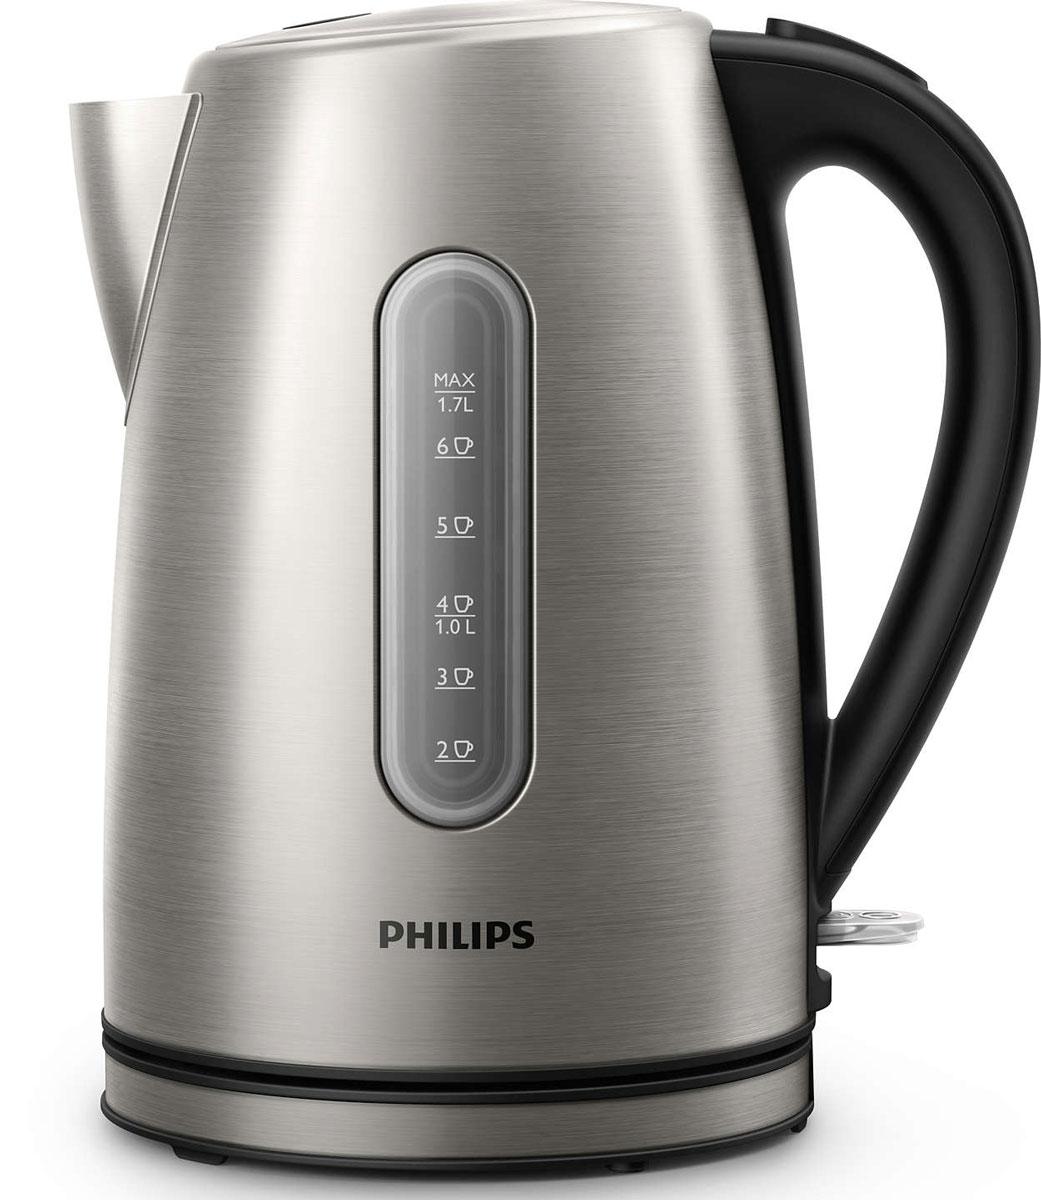 Philips HD9327/10 электрический чайникHD9327/10Надежный чайник Philips HD9327/10 из нержавеющей стали проходит проверку на устойчивость к кипячению 7500 раз, что гарантирует долгий срок службы. Микрофильтр эффективно очищает воду, а плоский и удобный для очистки нагревательный элемент обеспечивает быстрое кипячение.Микрофильтр удерживает частицы накипи размером > 400 микронКрышка из нержавеющей стали на пружине легко открывается при нажатии кнопкиЭлегантная подсветка кнопки включения/выключения уведомляет о процессе нагрева водыВстроенный нагревательный элемент из нержавеющей стали обеспечивает быстрое кипячение и простую чистку